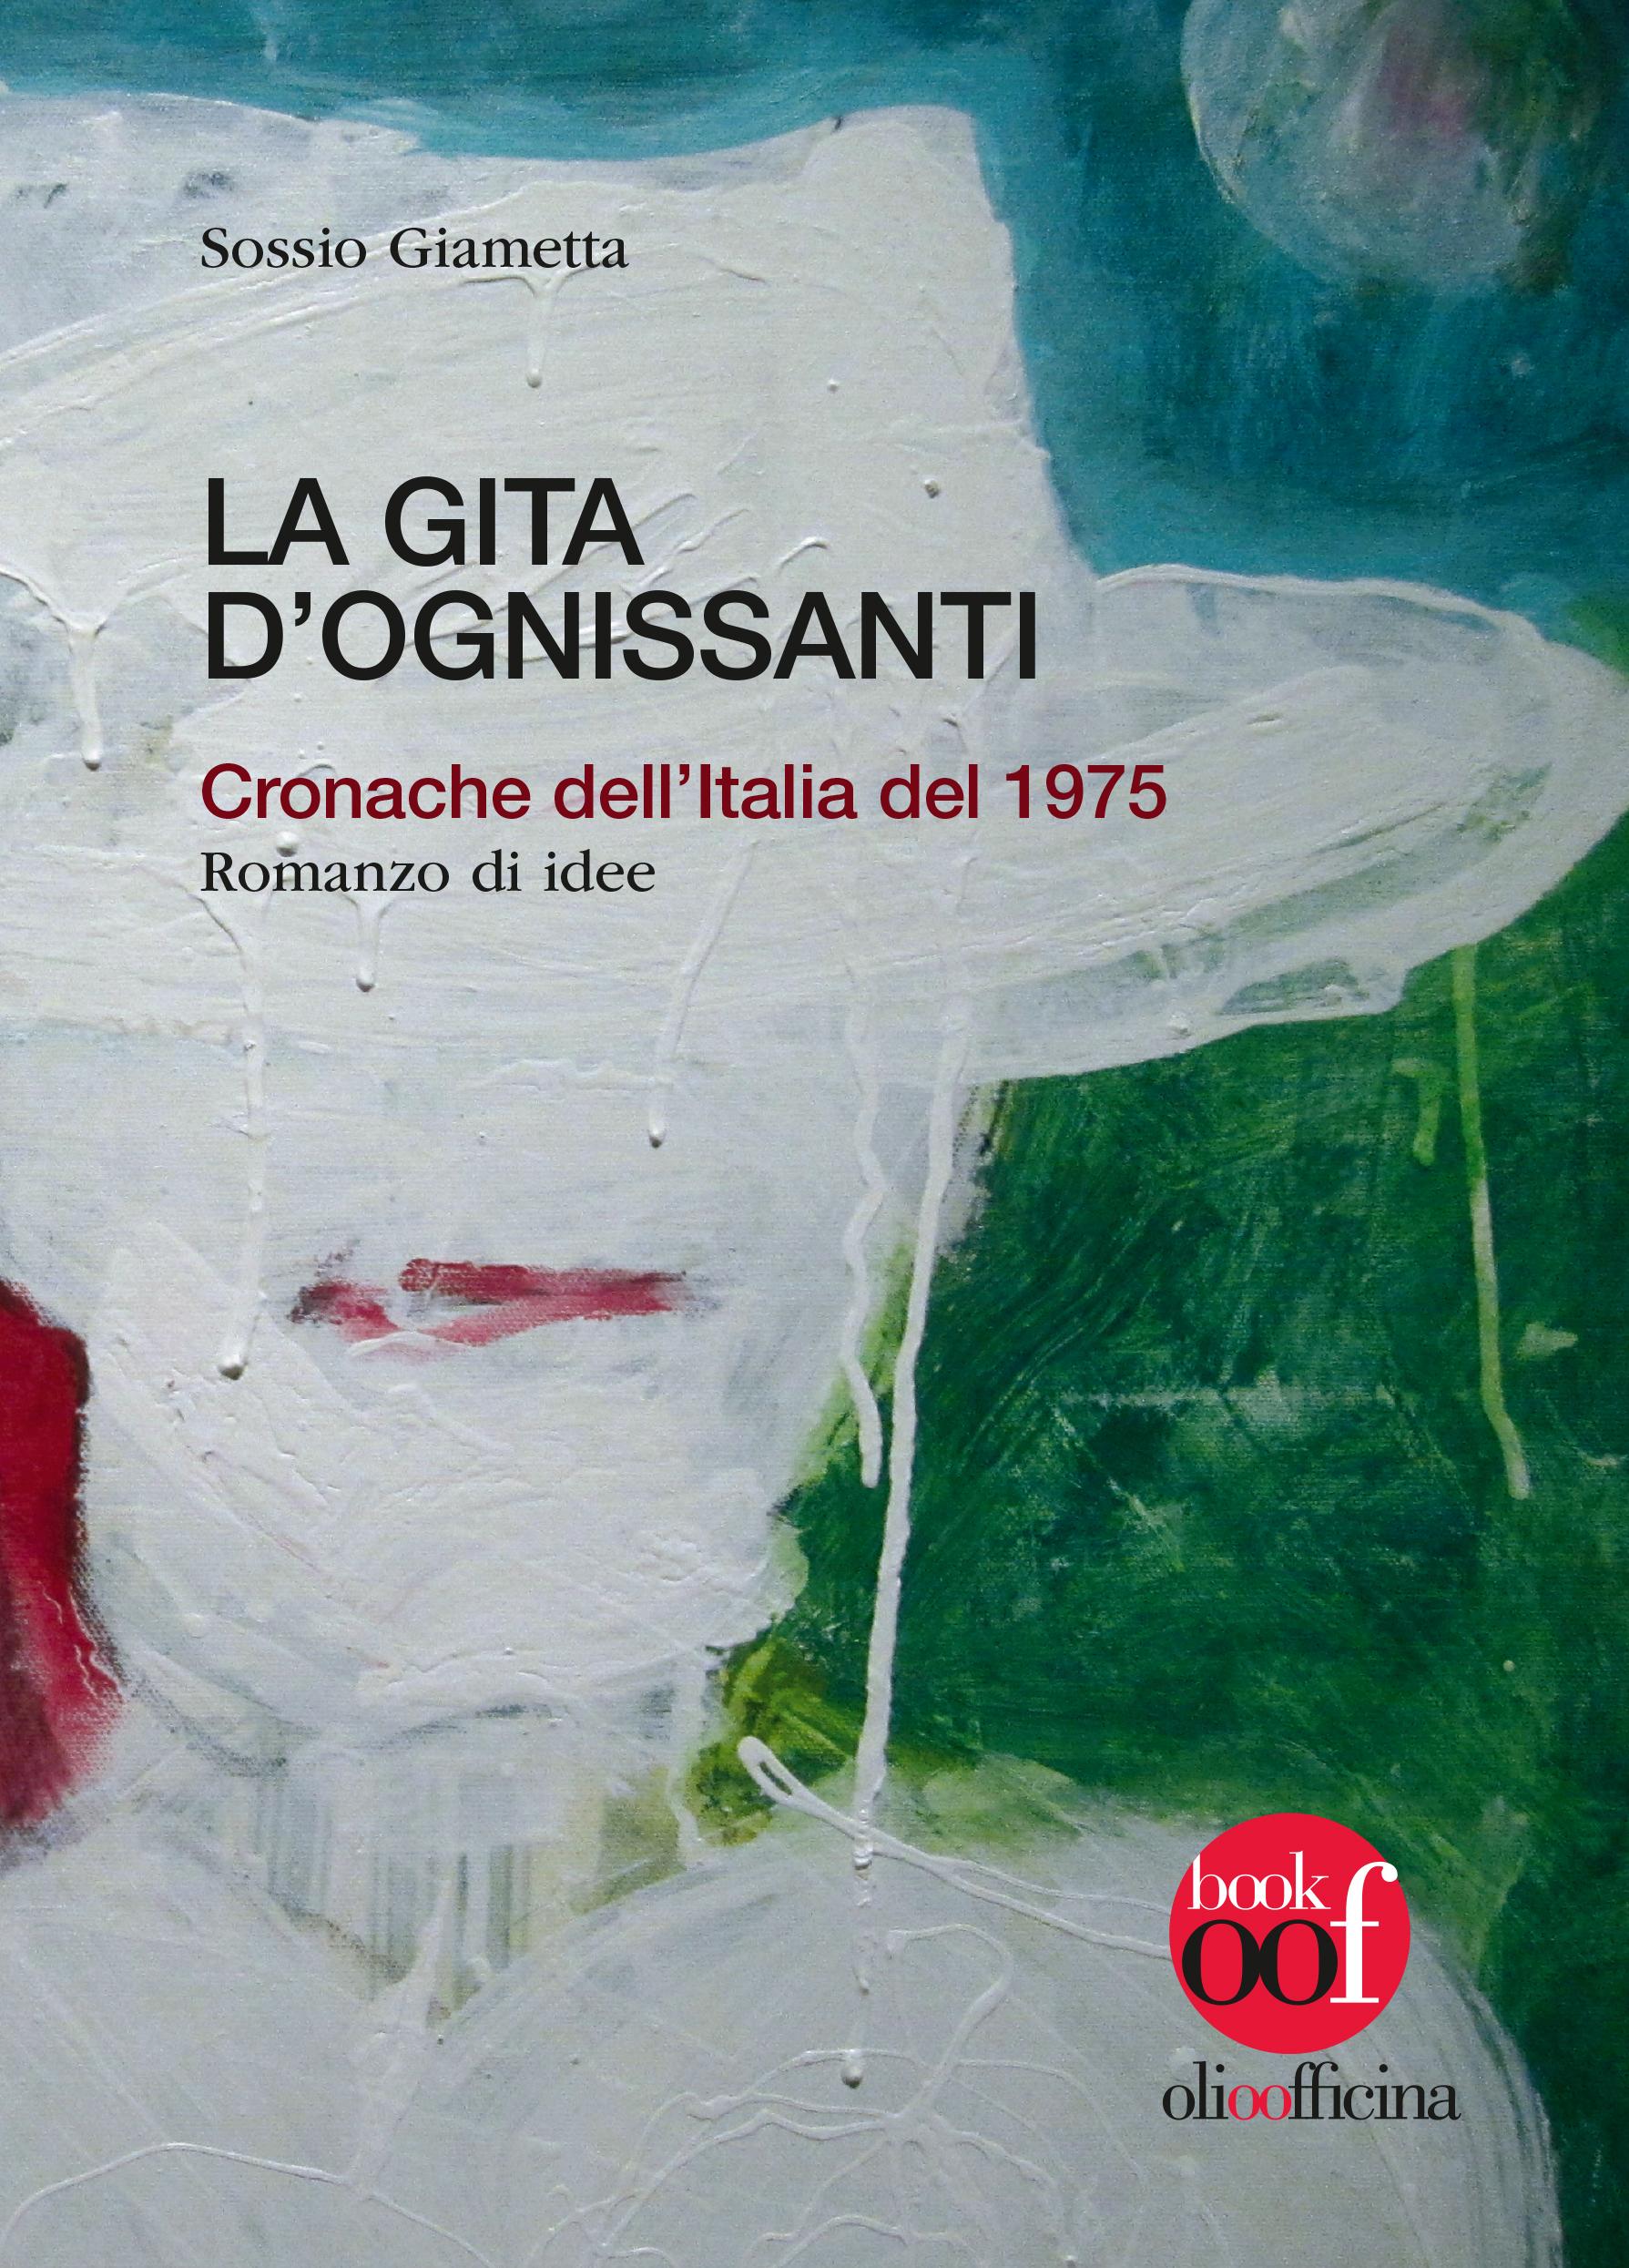 La gita d'Ognissanti. Cronache dell'Italia del 1975